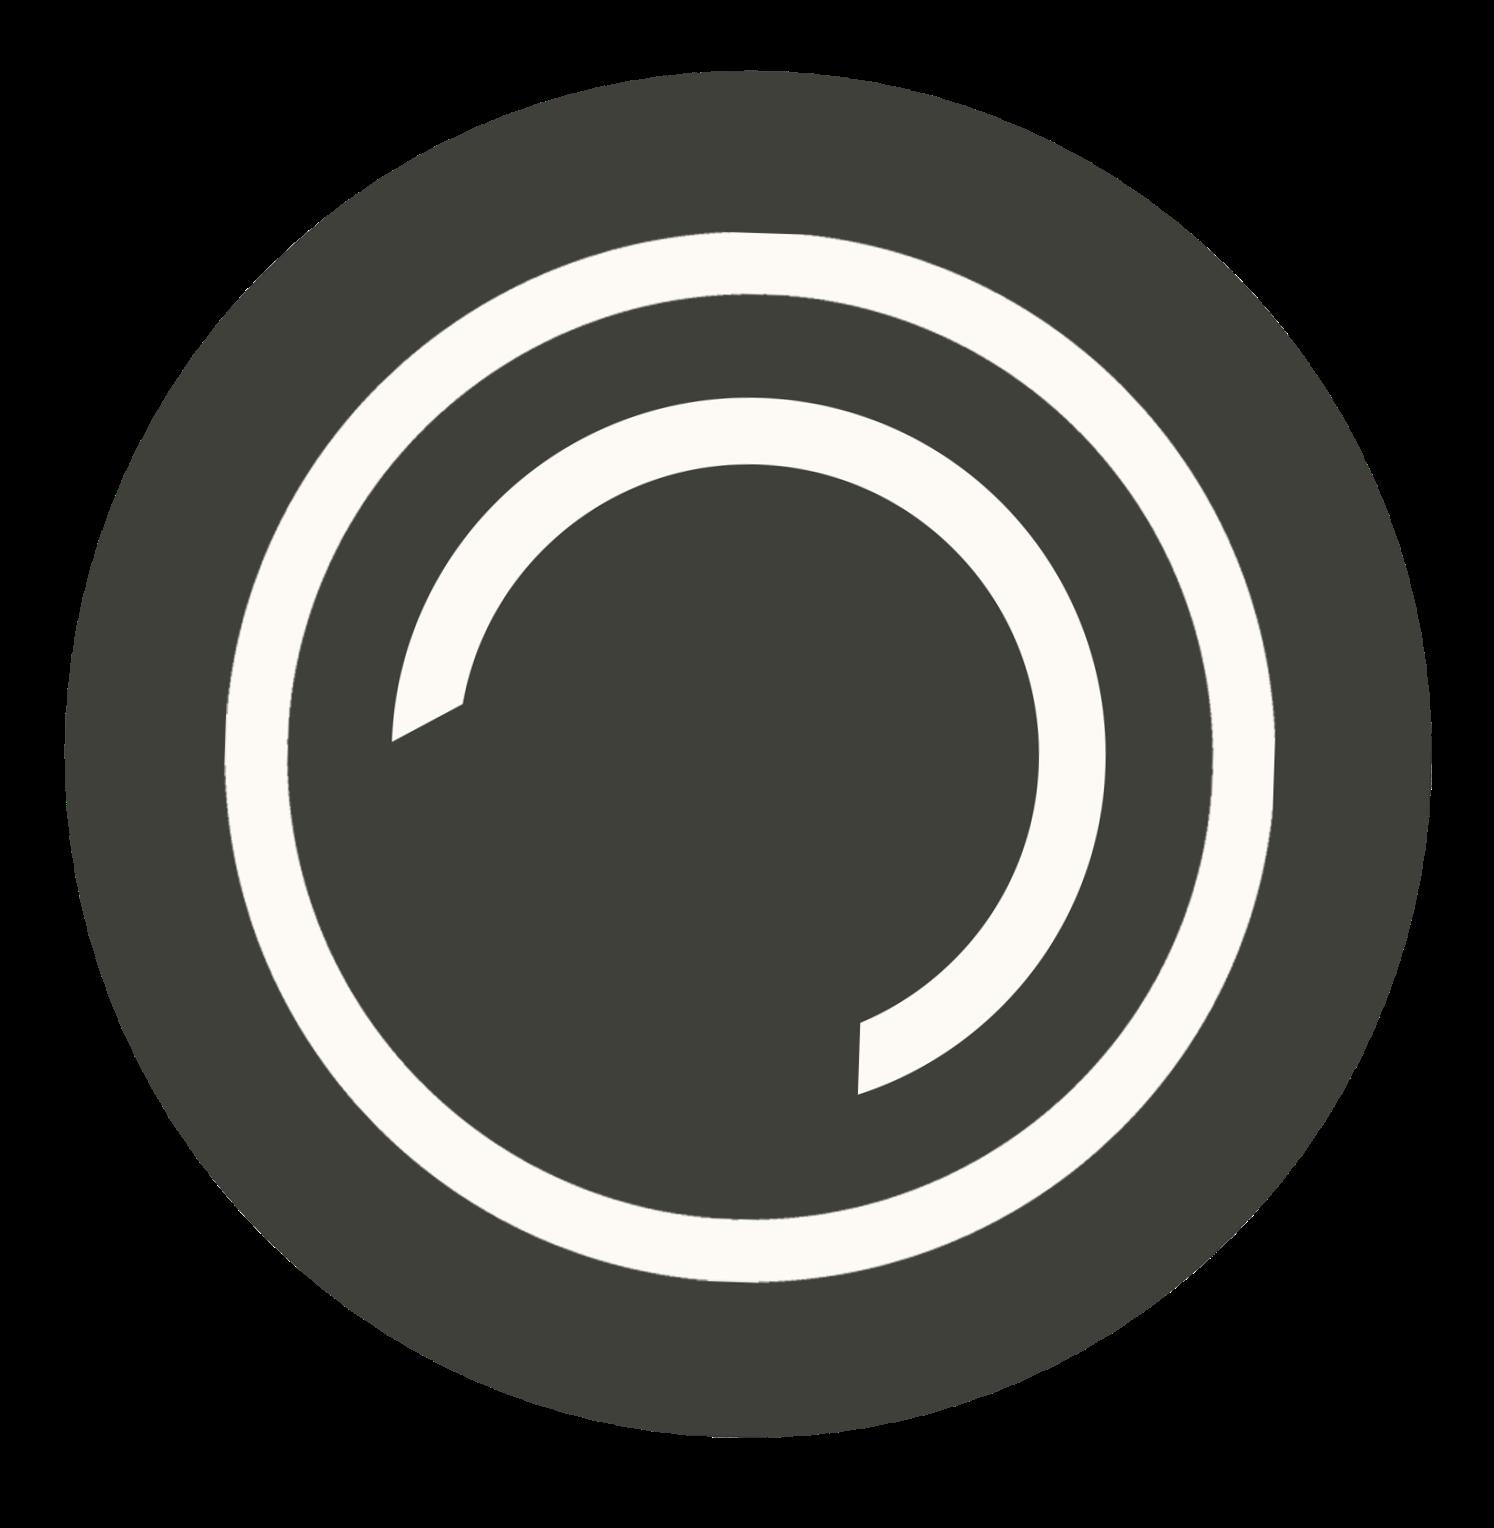 plink smart links entrepreneur resource